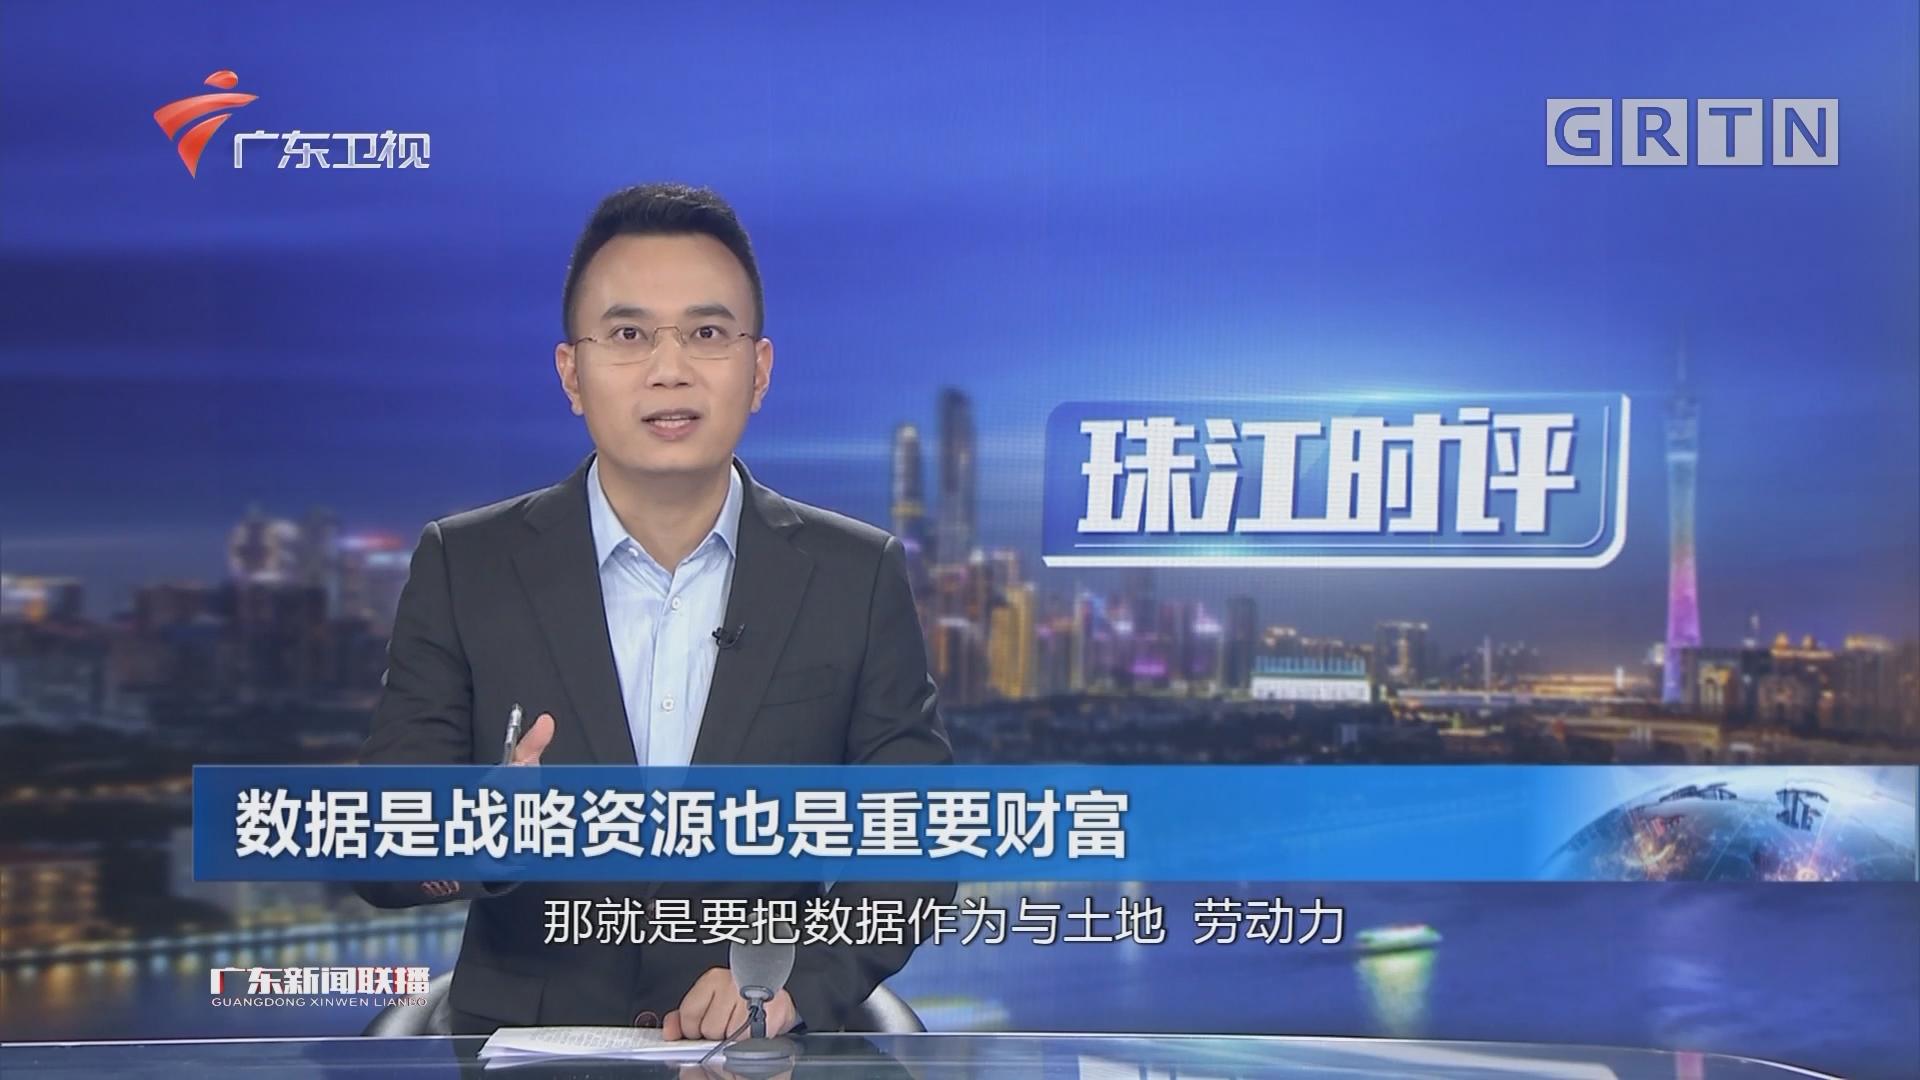 珠江時評:數據是戰略資源也是重要財富